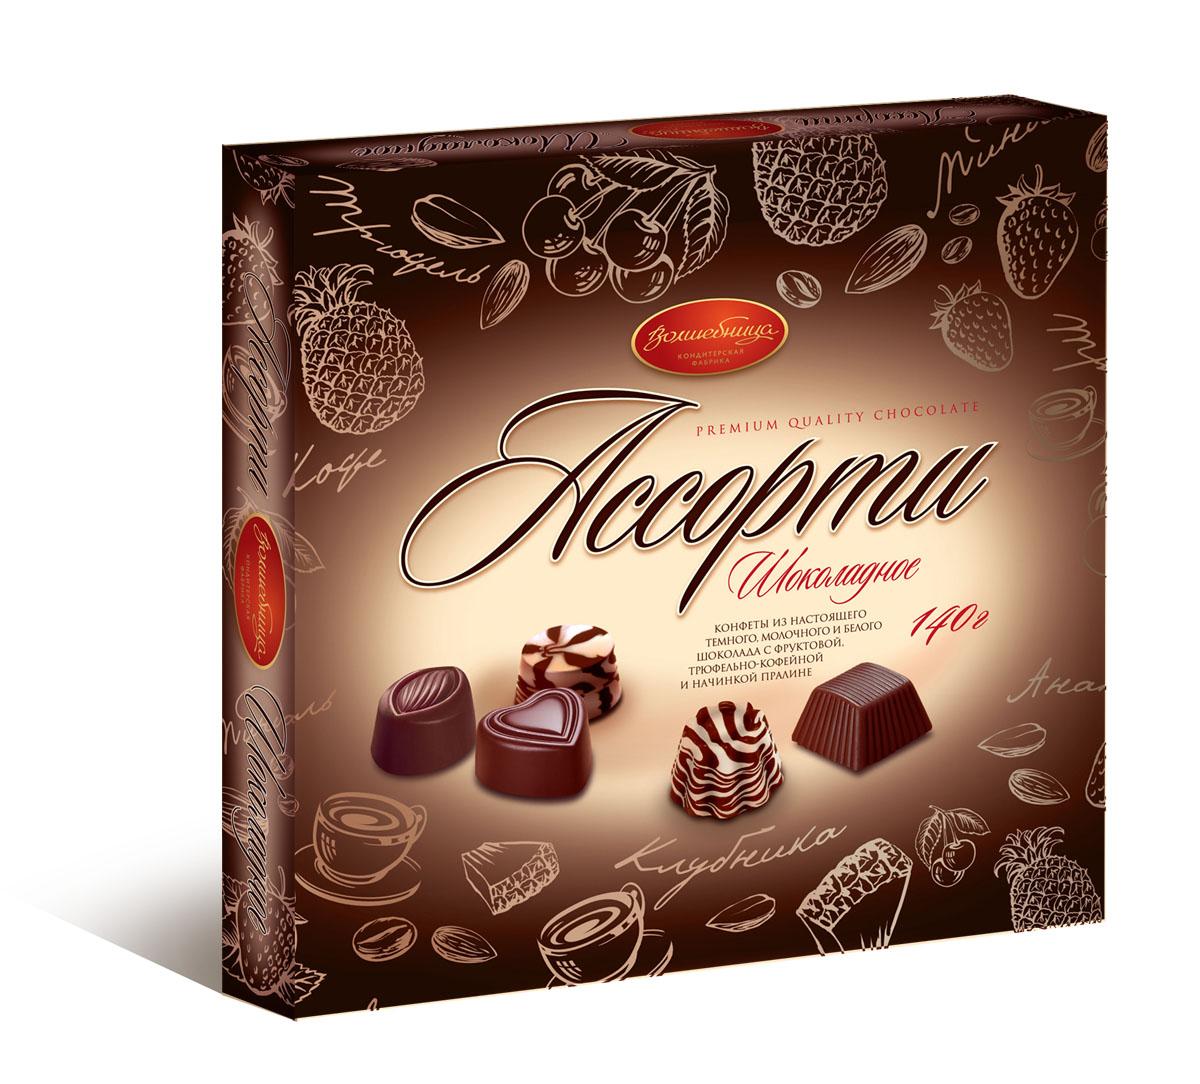 Волшебница конфеты шоколадное ассорти (коричневые), 140 г волшебница волшебная белочка шоколад 80 г